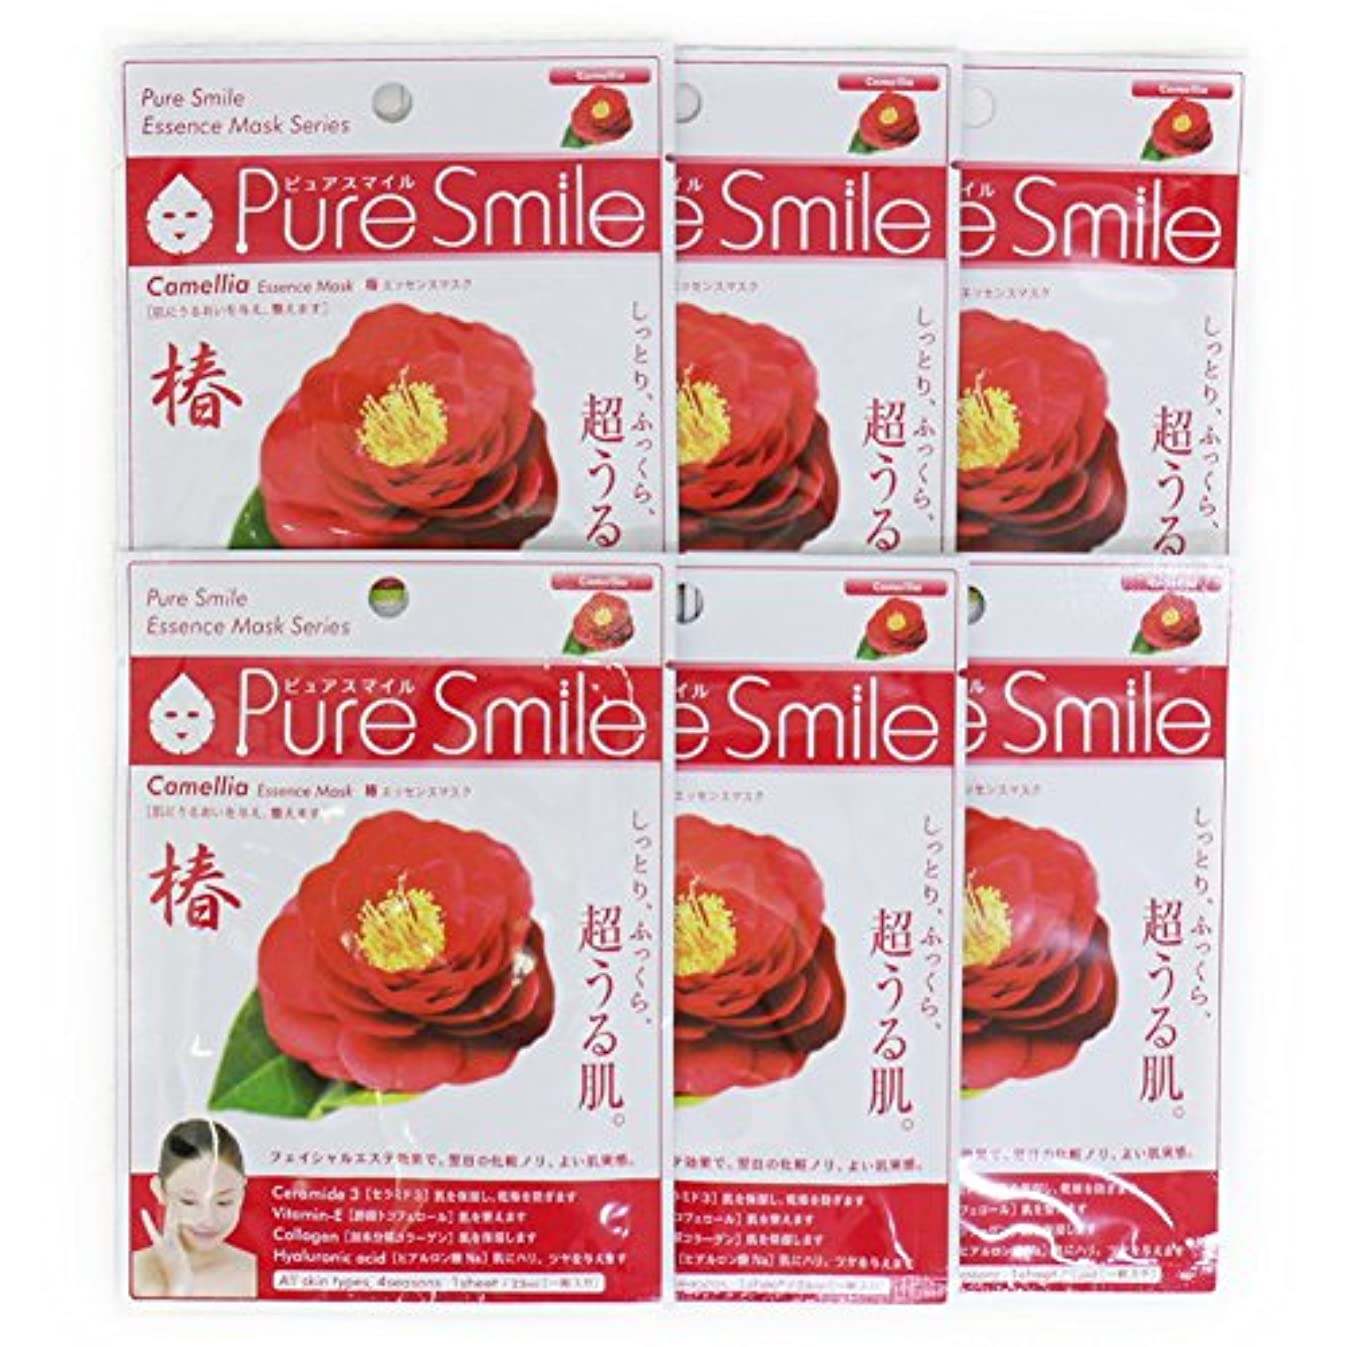 複製ホイップアマゾンジャングルPure Smile ピュアスマイル エッセンスマスク 椿 6枚セット